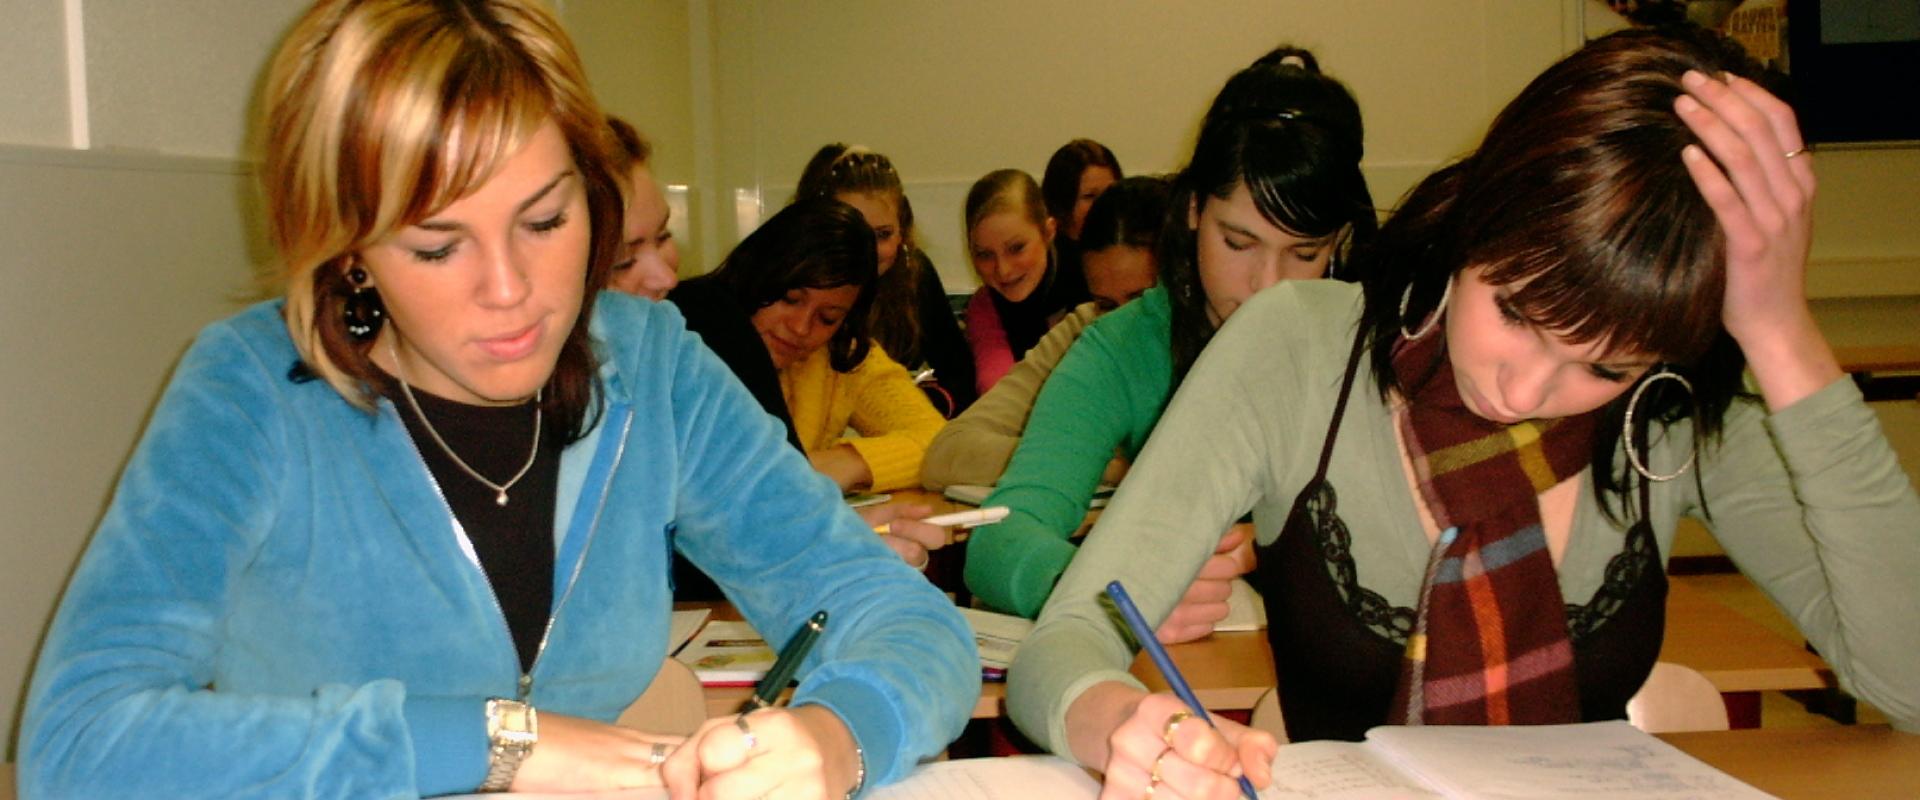 7 tips bij examenstress voor beelddenkers